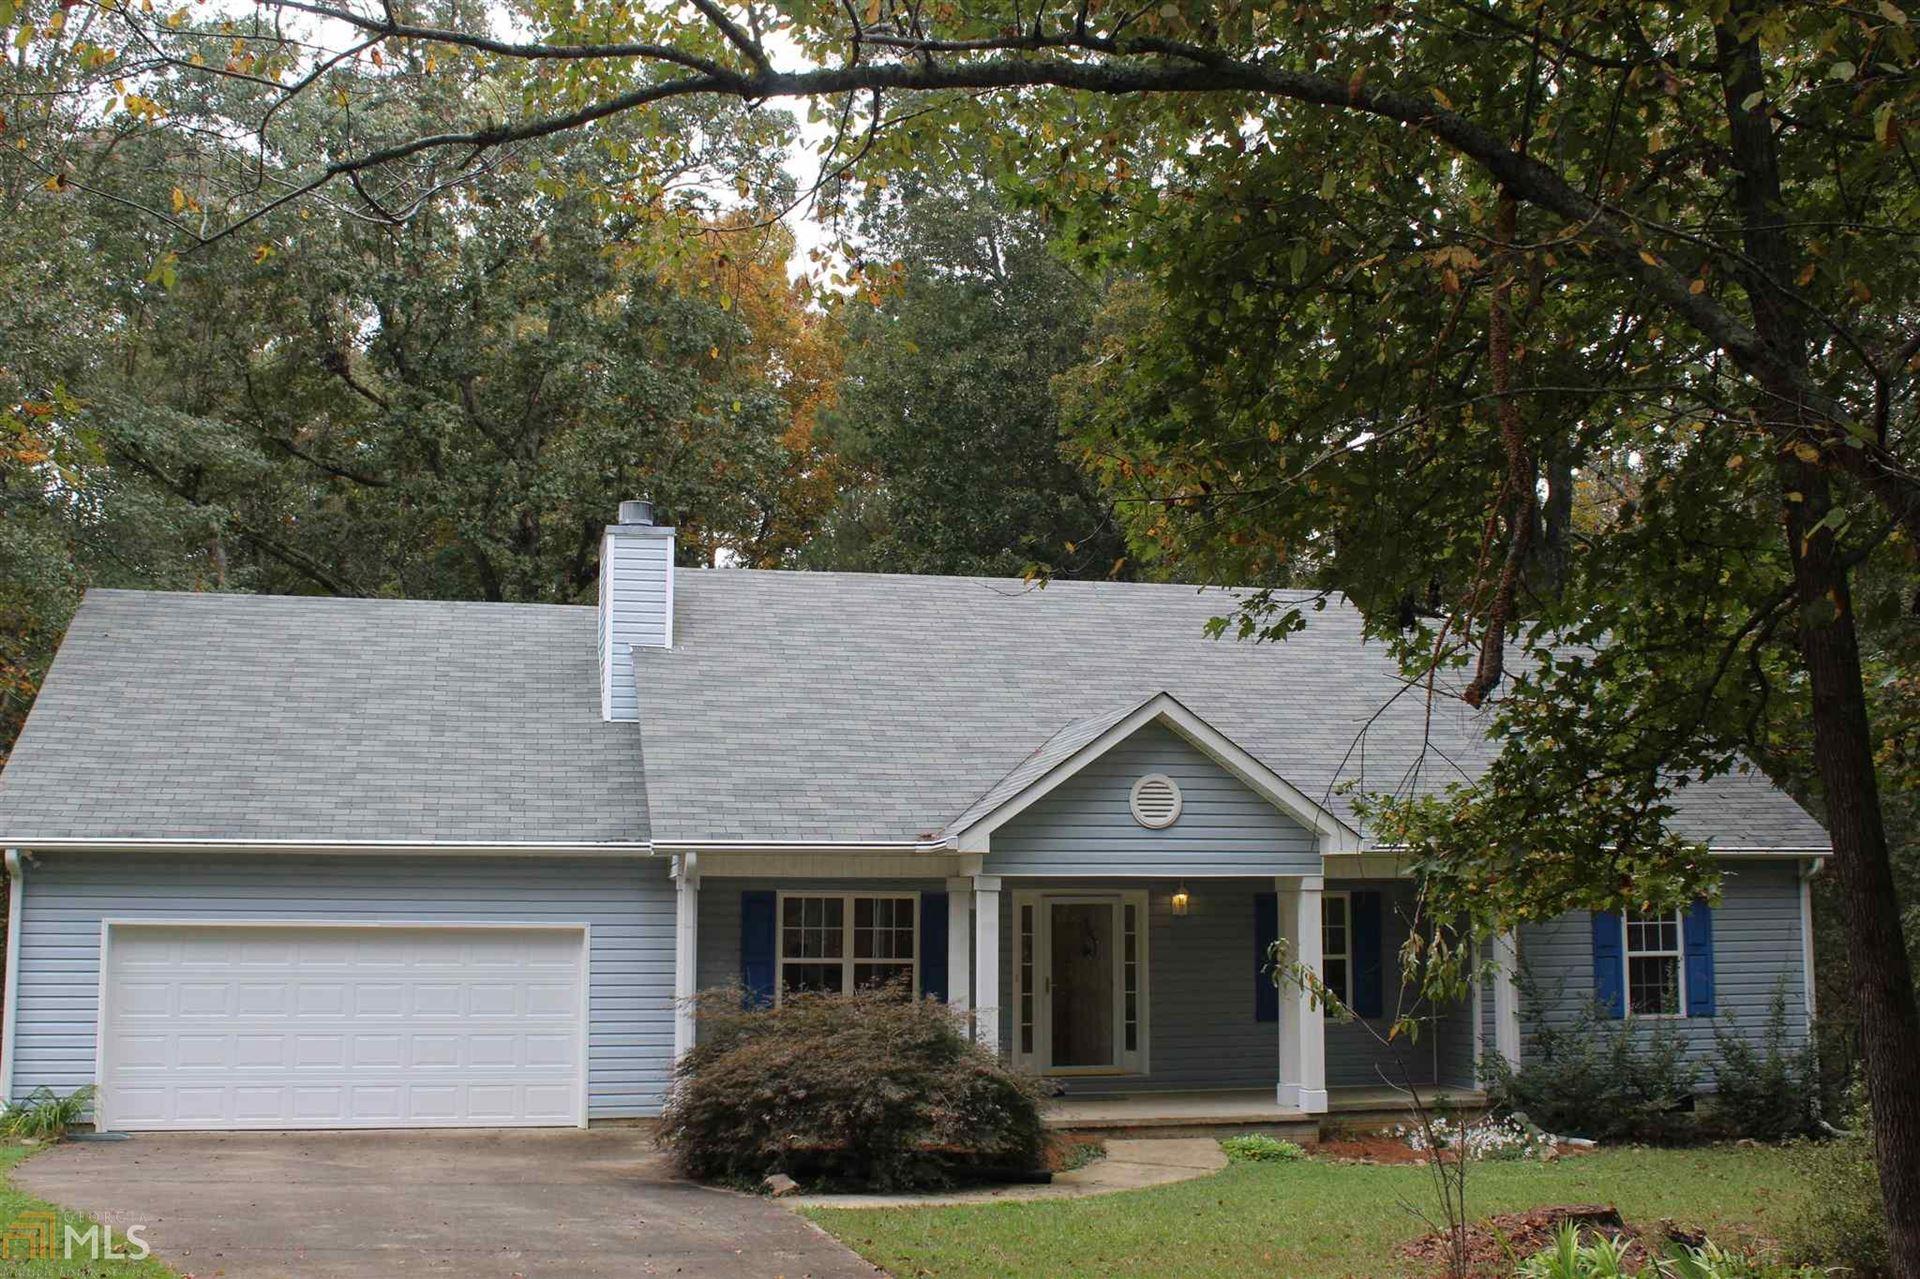 153 Wilkins Rd, Fayetteville, GA 30214 - MLS#: 8880431